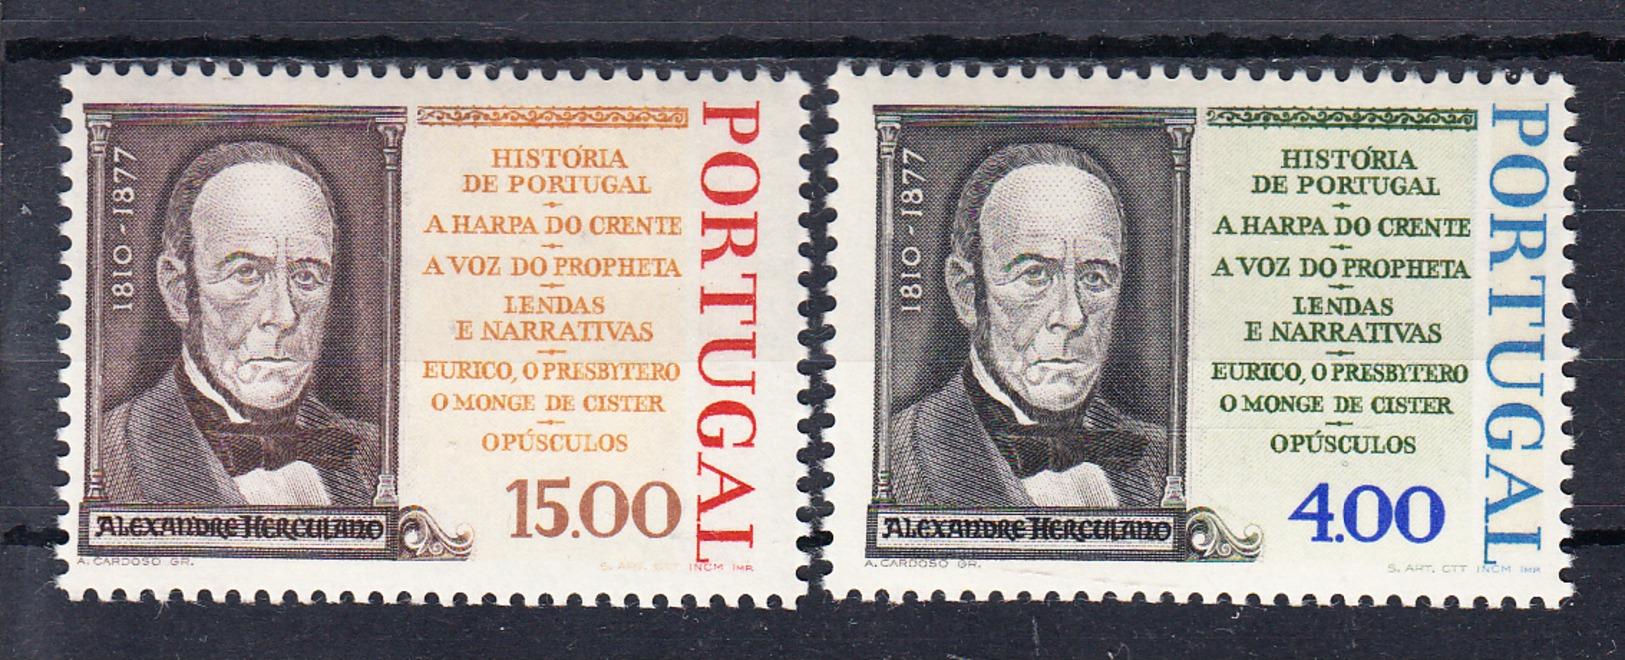 PORTUGAL.1977.CENTENARIO DE ALEXANDRE  HERCULANO  Nº 1344/1345   NOVOS SEM CHARNEIRA .CECI 2 Nº 86 - Nuevos